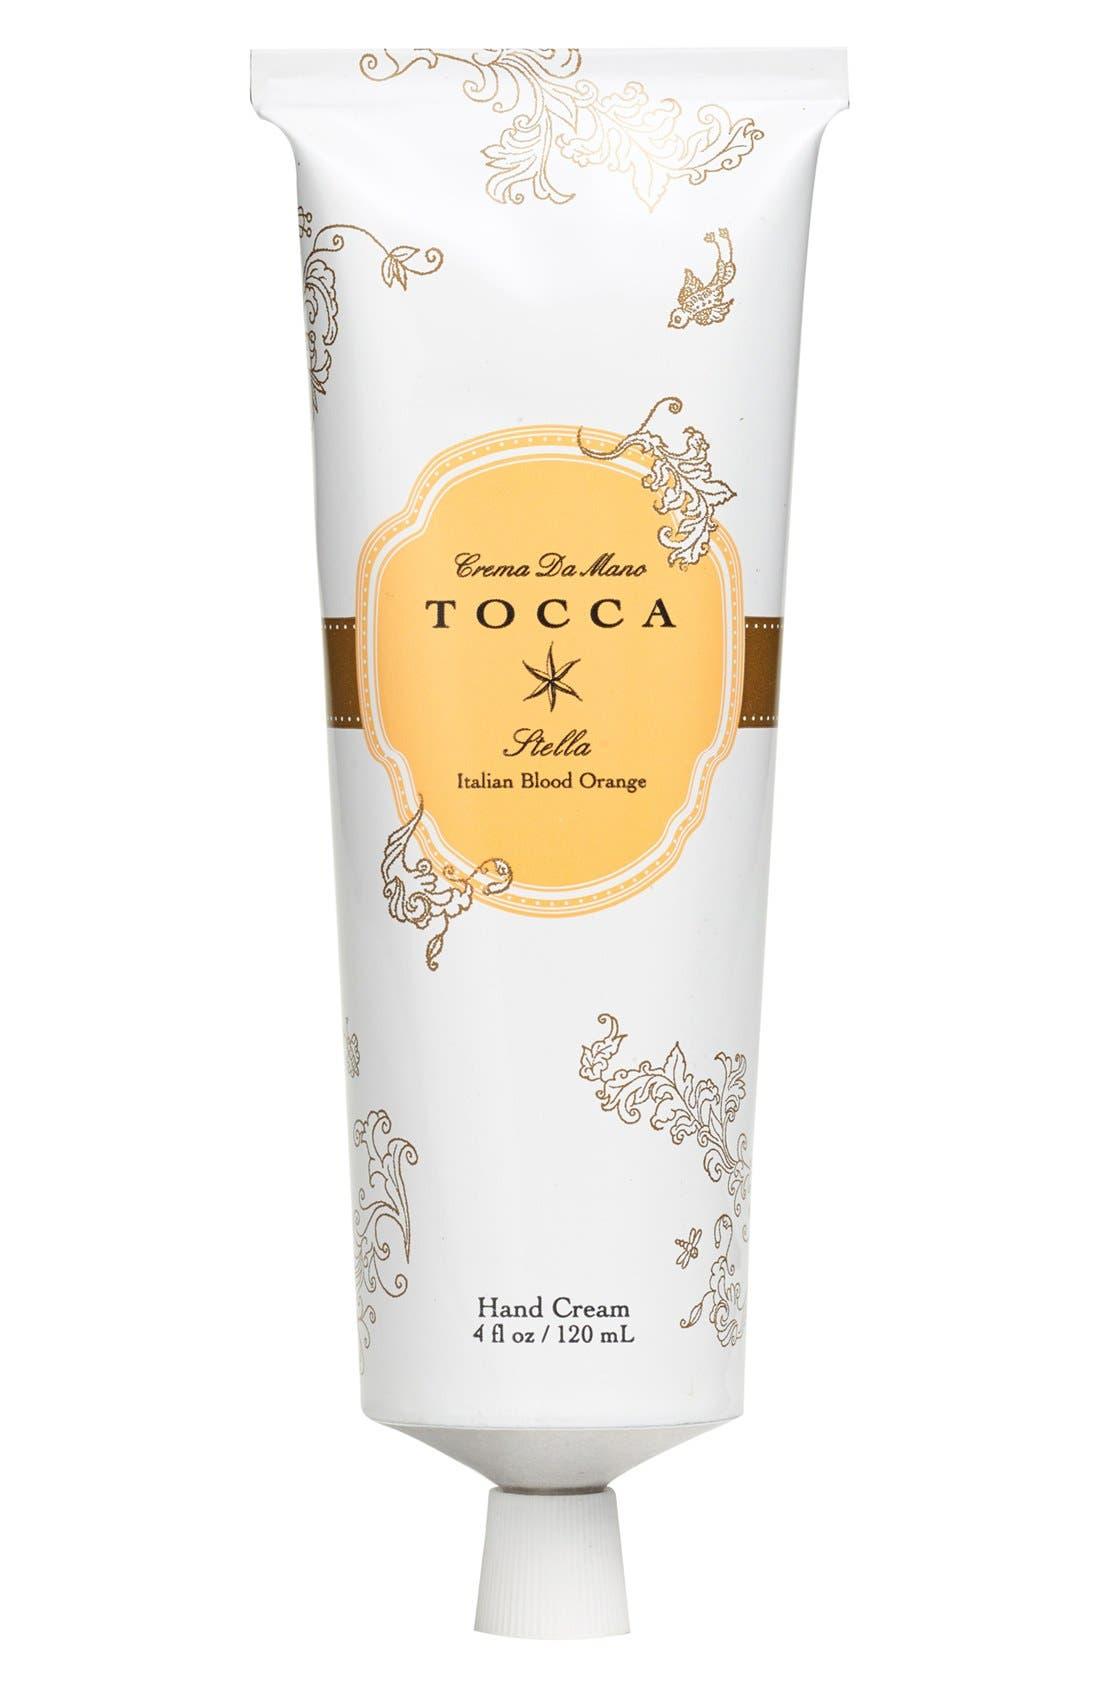 TOCCA 'Stella Blood Orange' Hand Cream